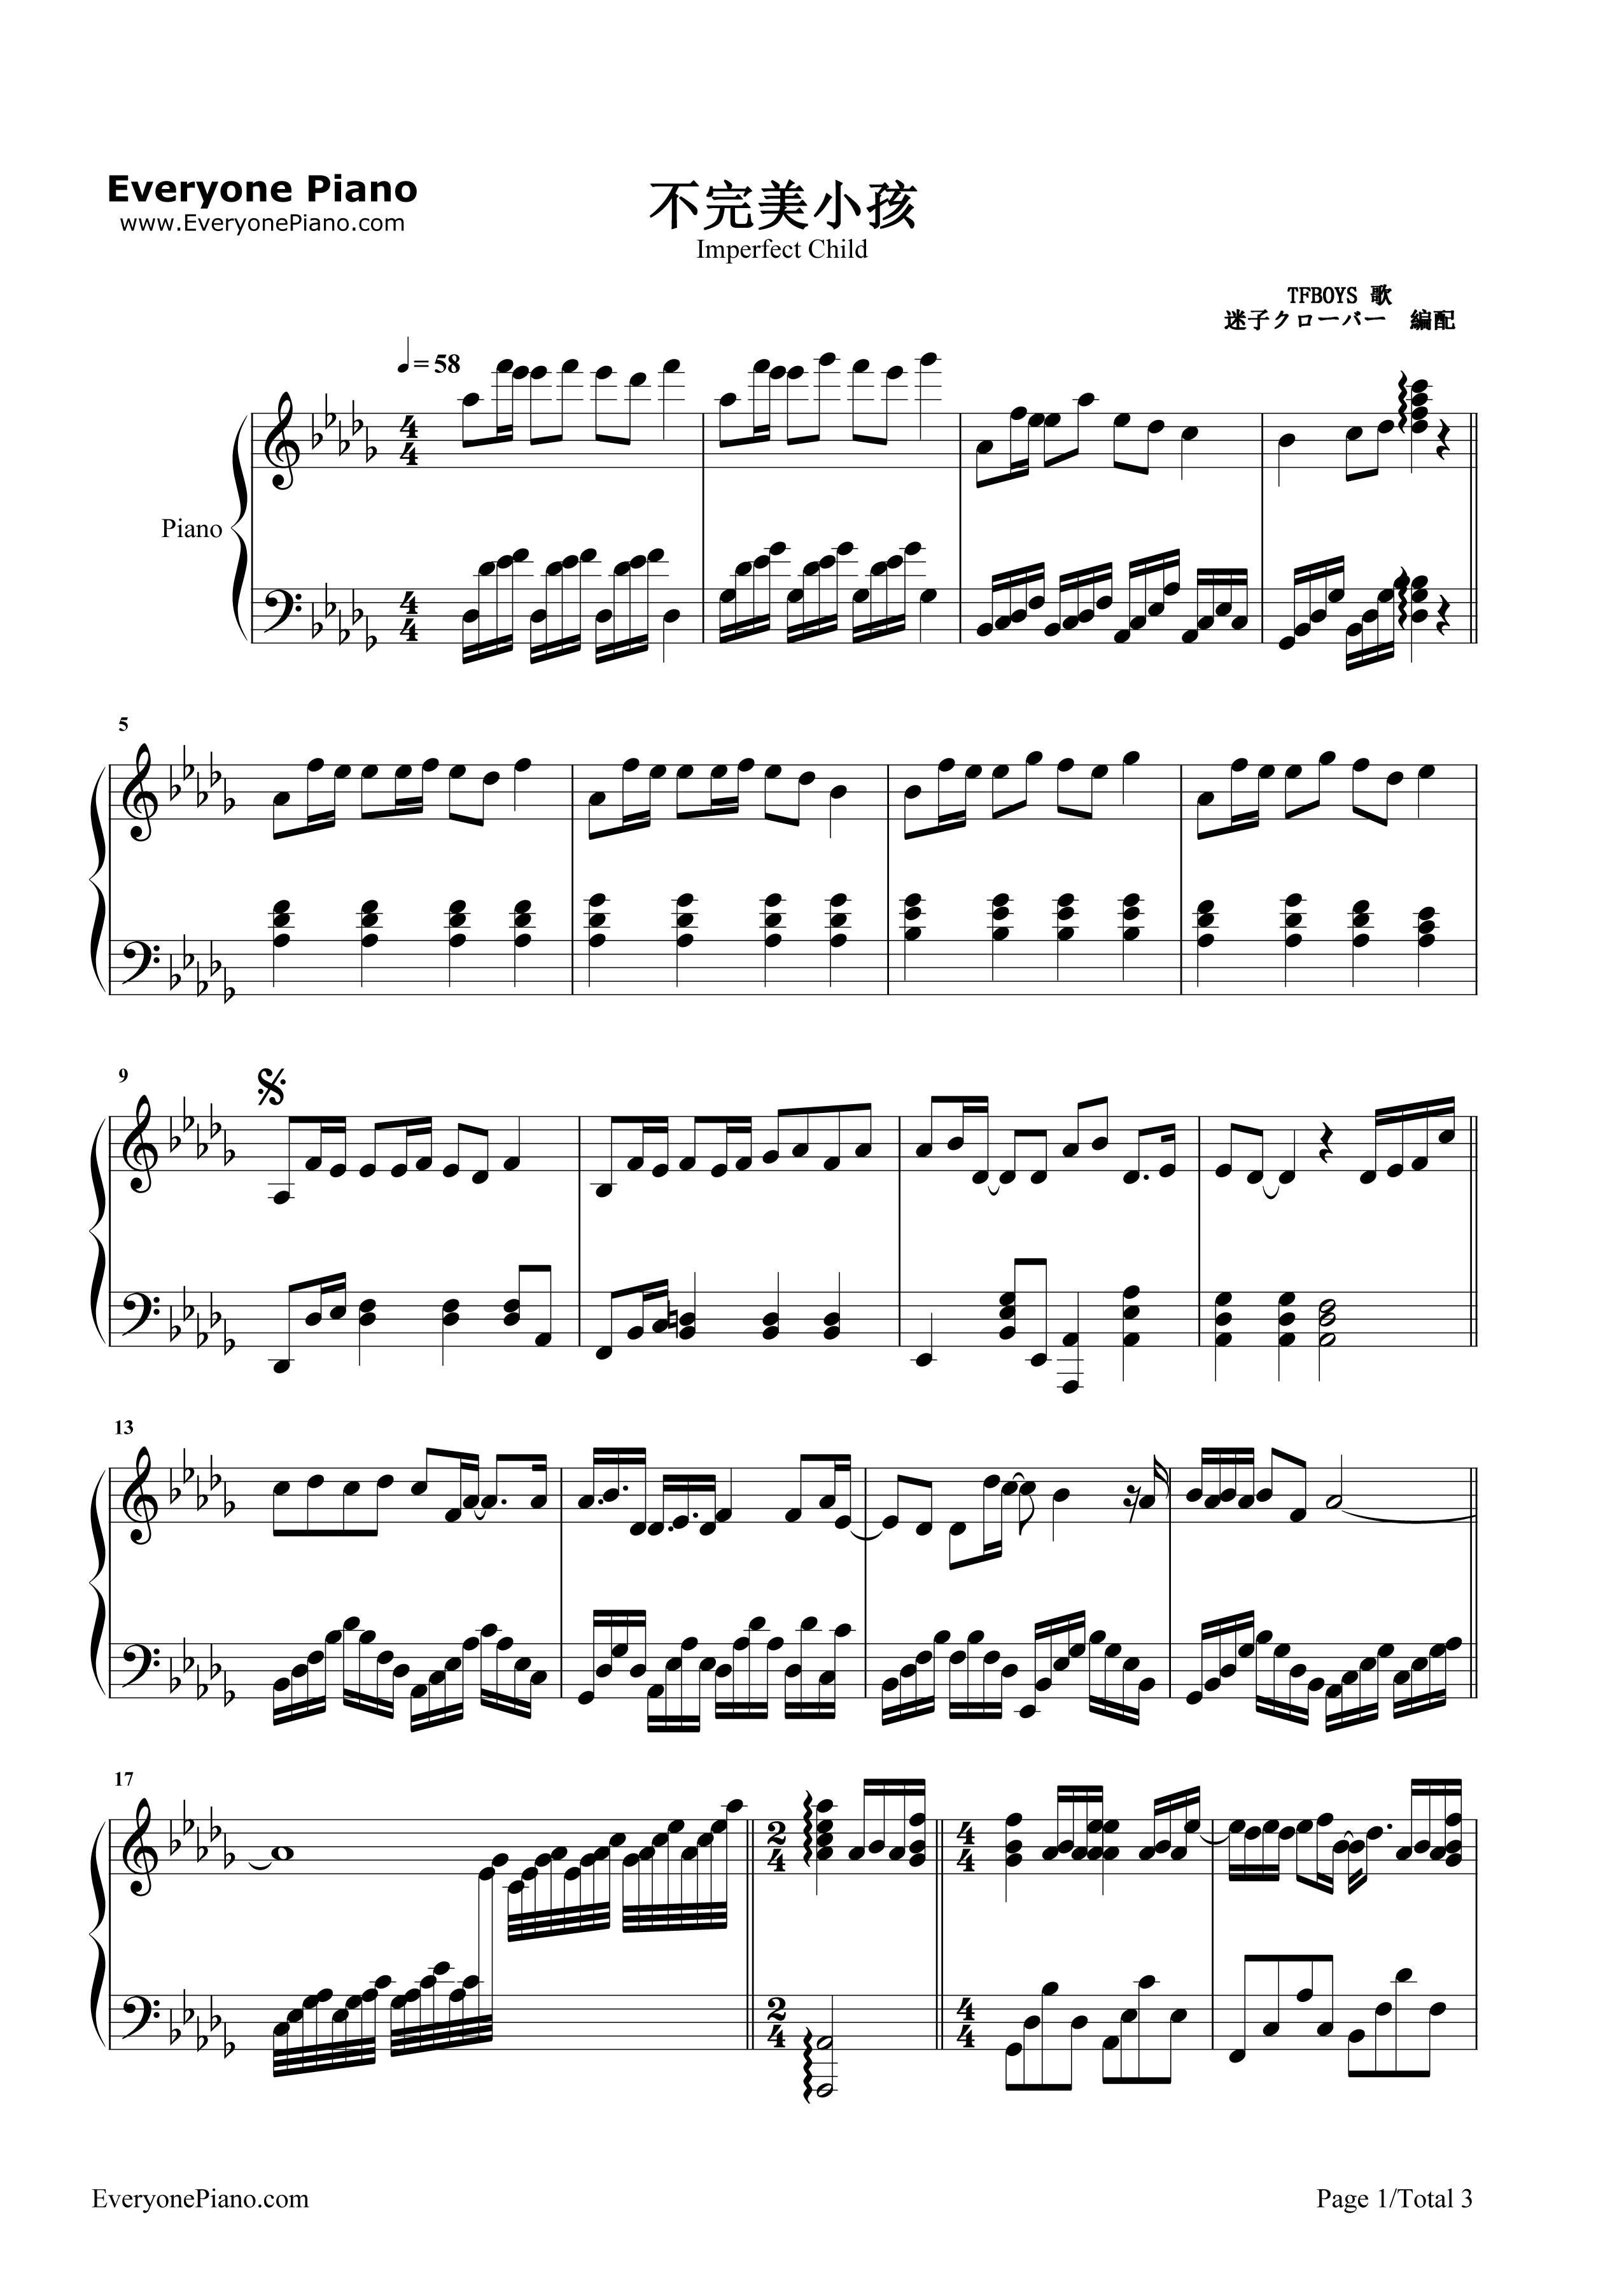 《不完美小孩》(TFBOYS演唱)钢琴谱第1张